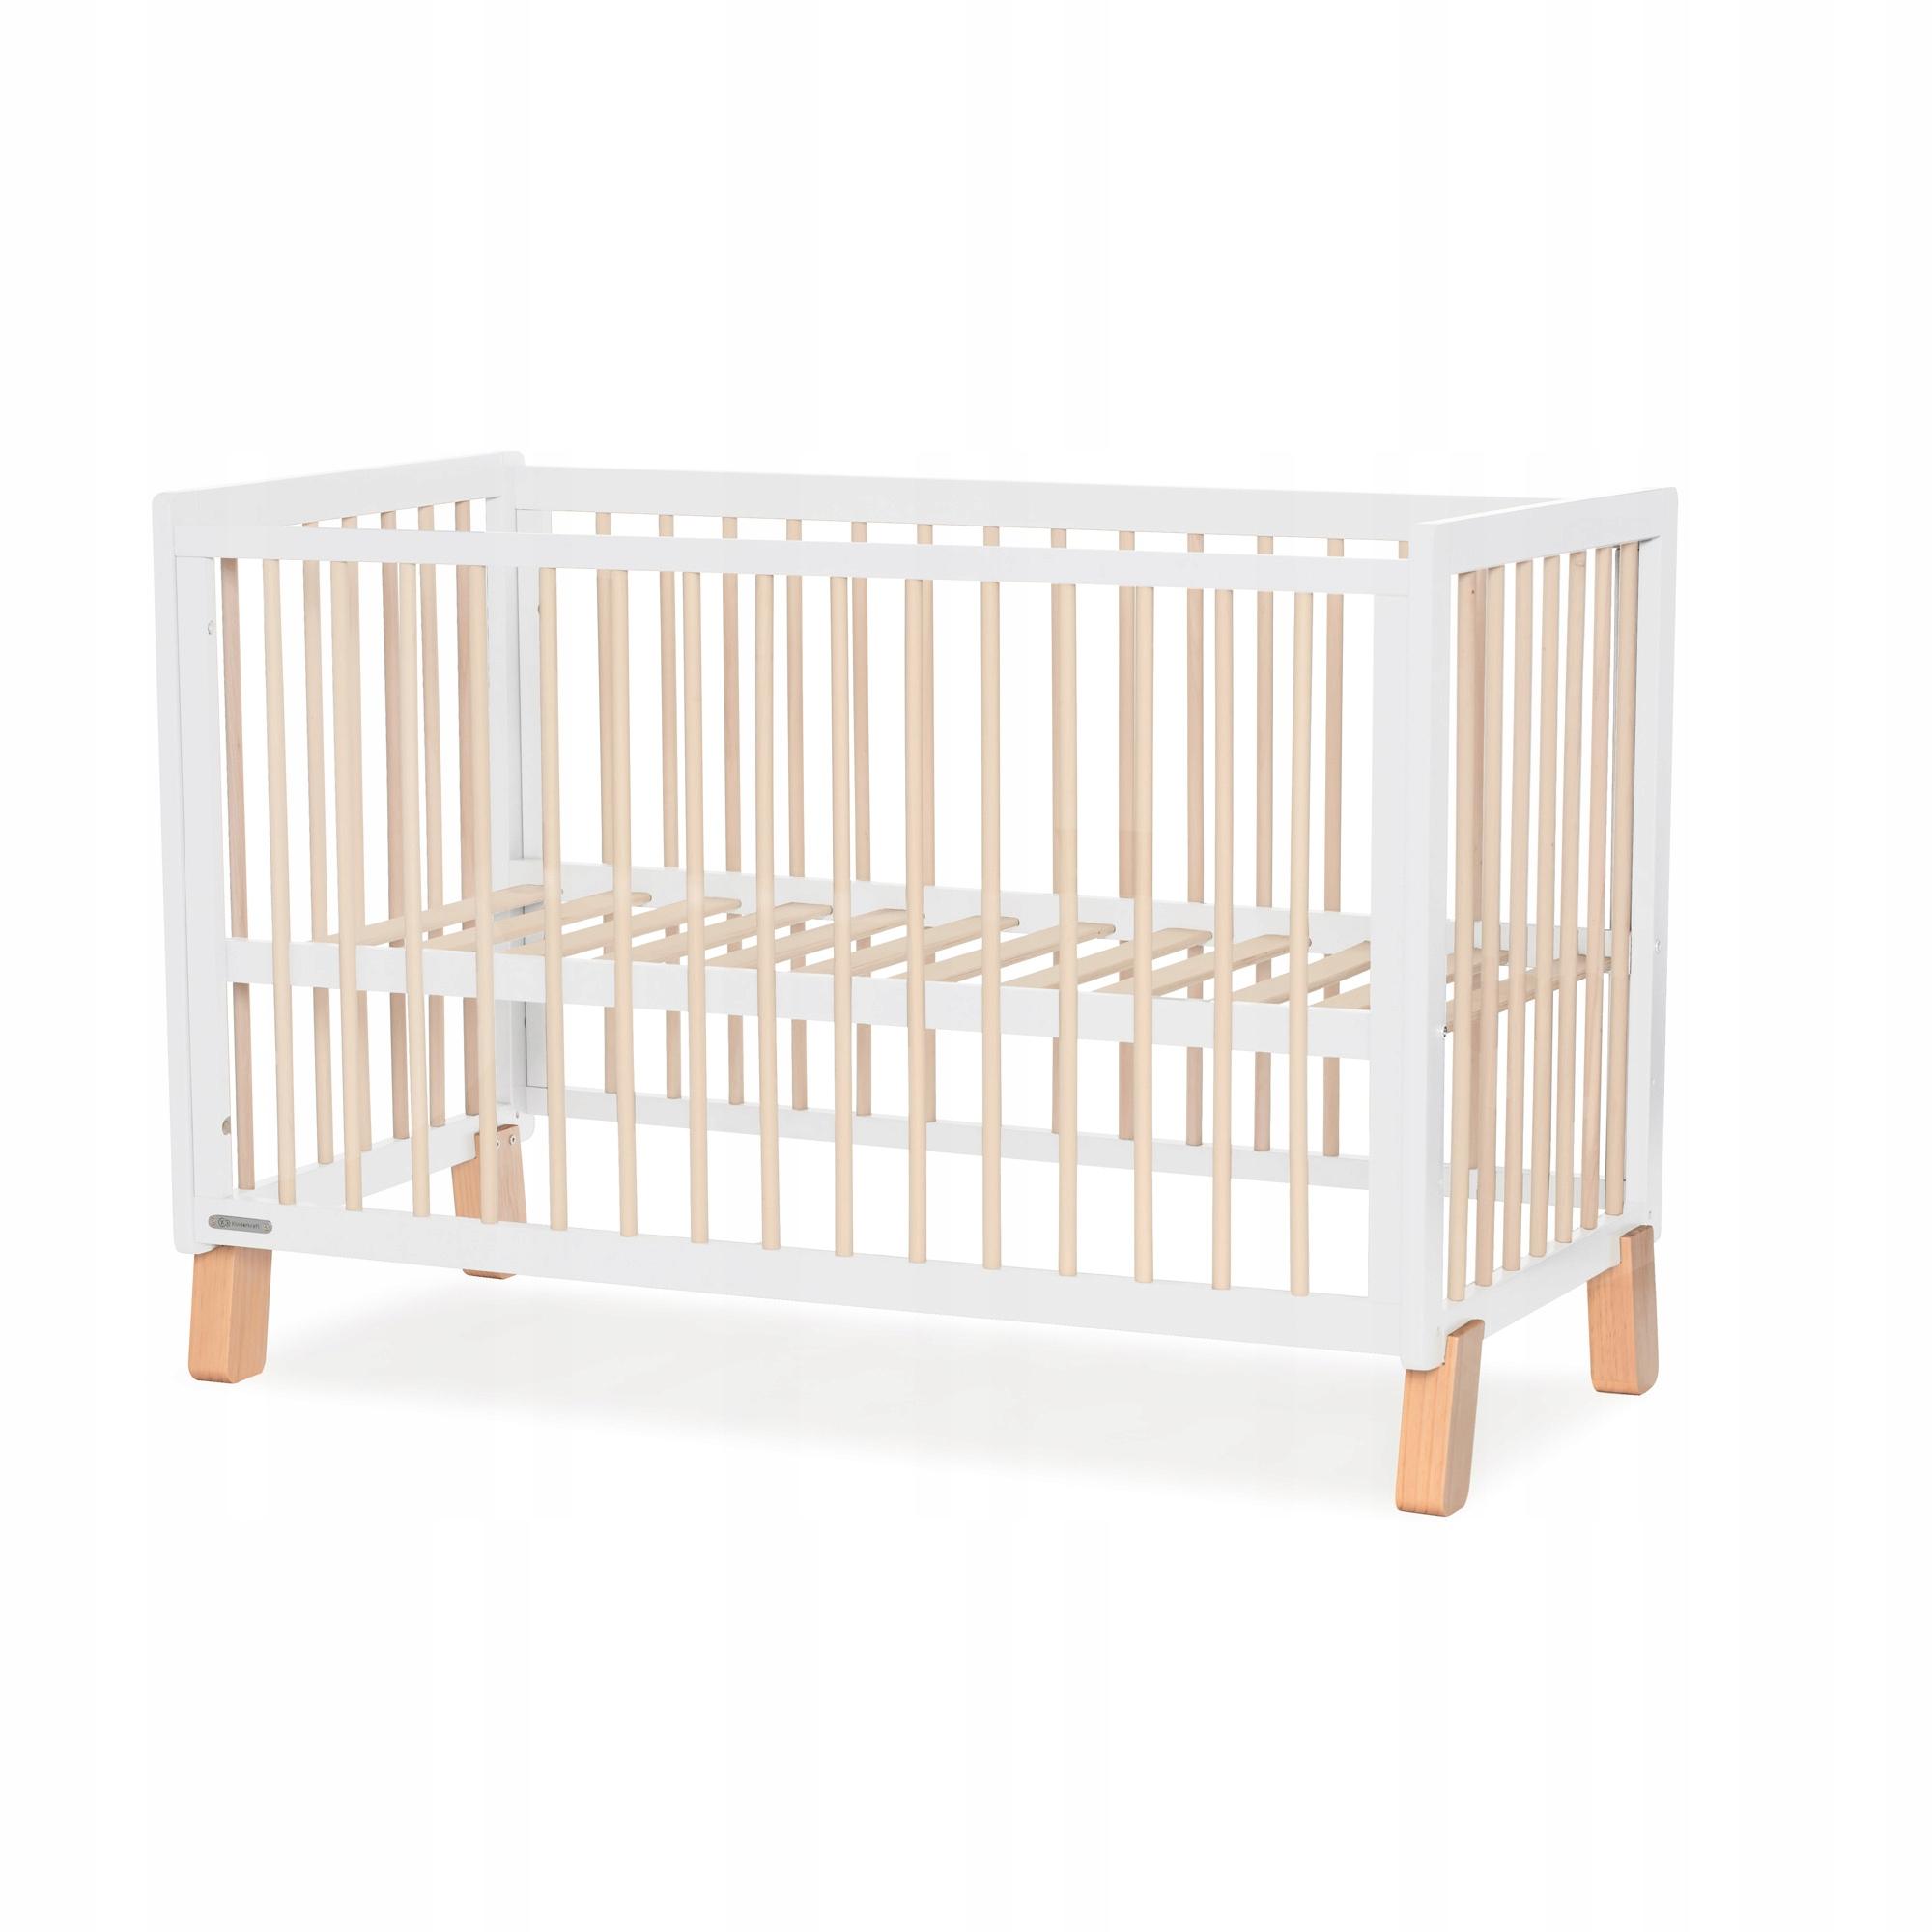 Детская кроватка Kinderkraft Lunky 120x60см